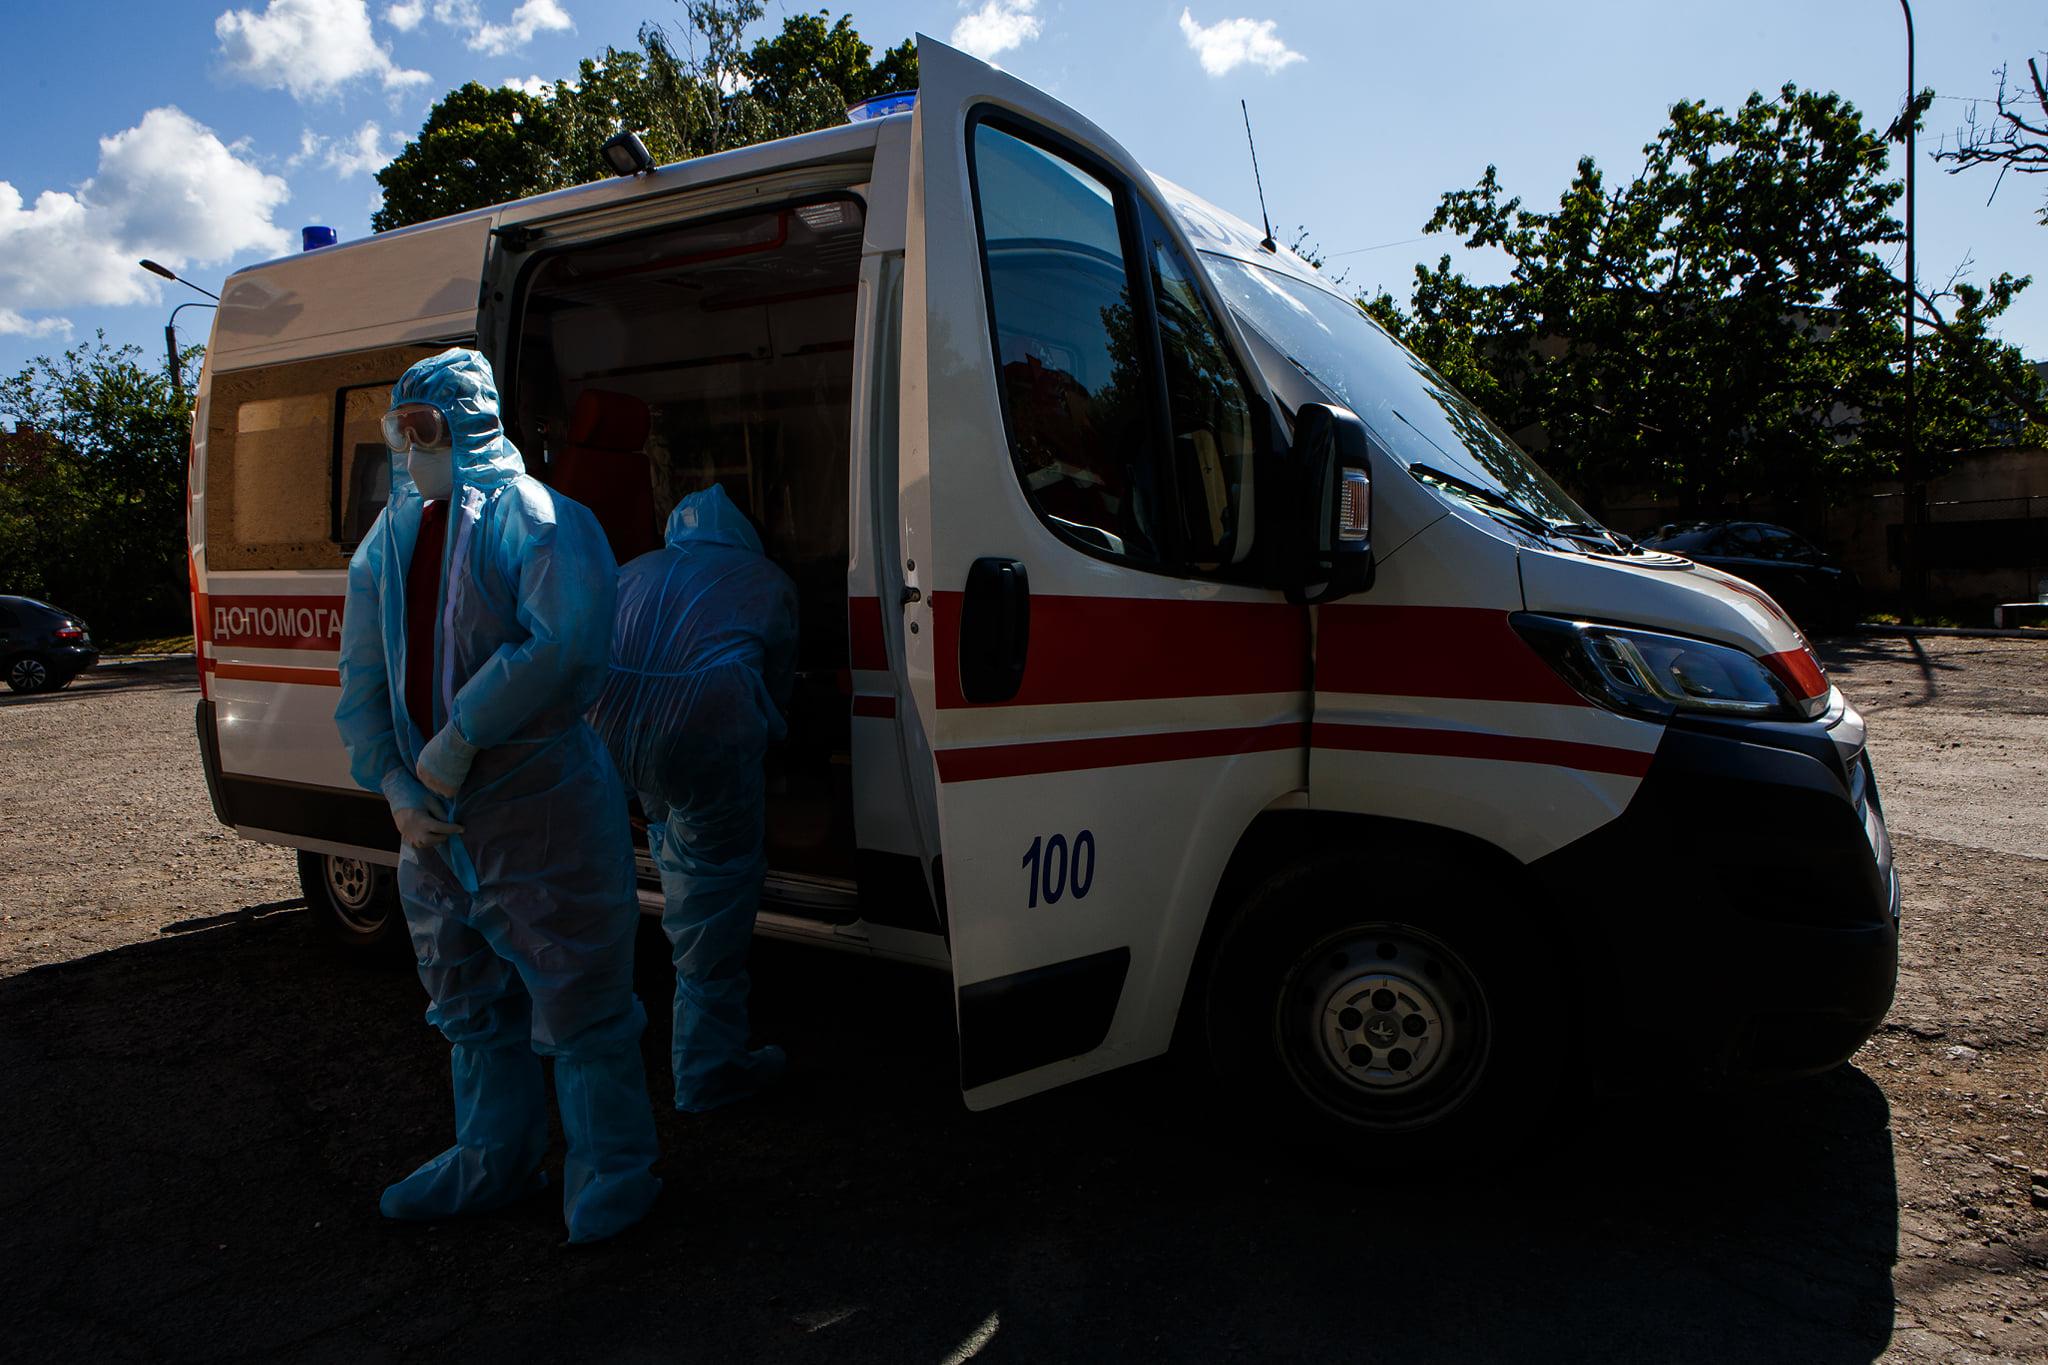 фельдшер Микола Головчак та лікар Андрій Семедій одягаються перед виїздом на виклик з підозрою на Covid-19